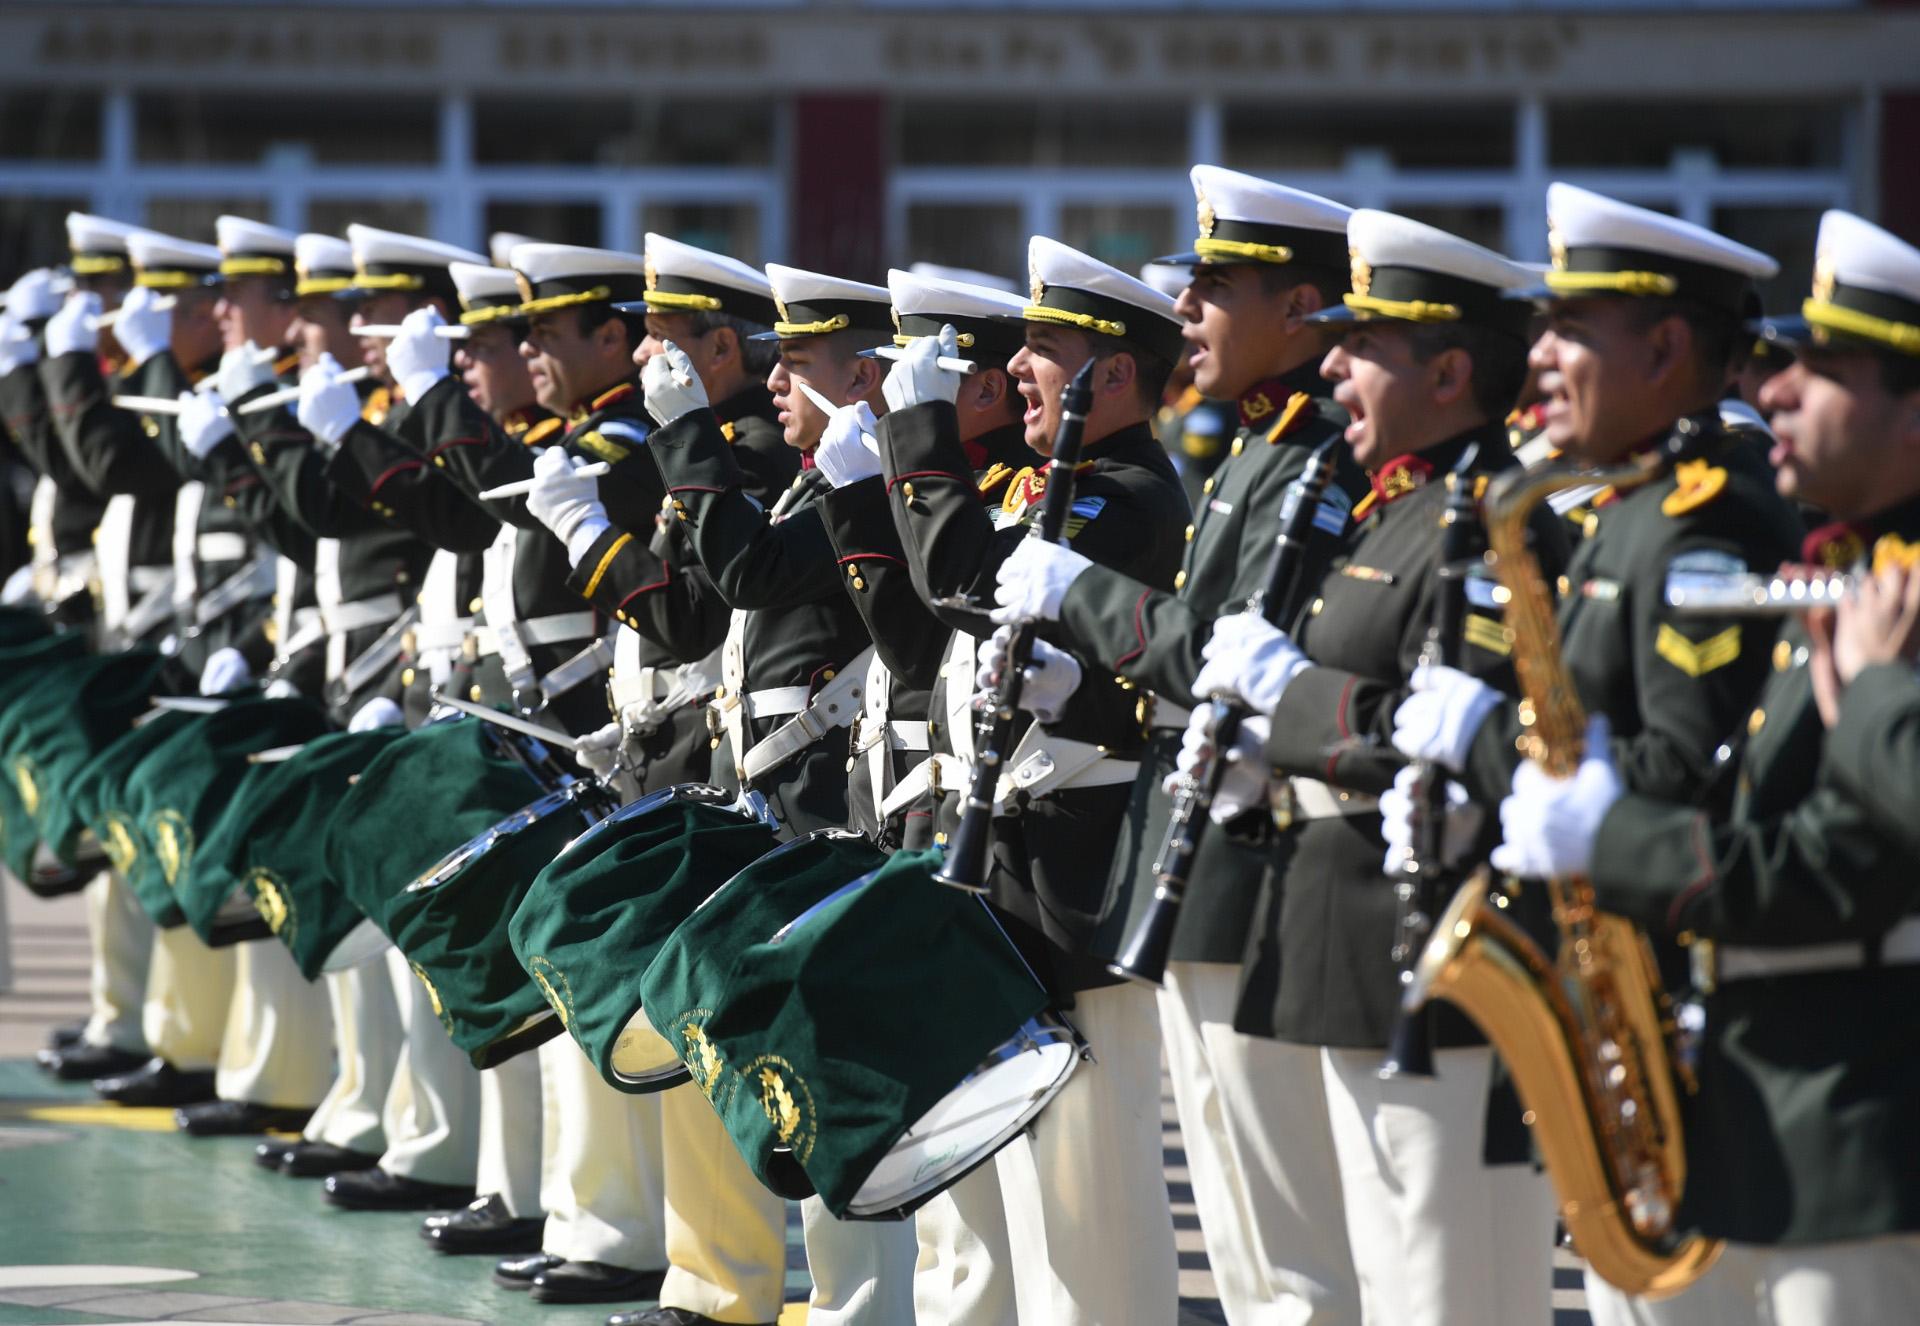 Desde la década del 90, la Gendarmería se desempeña como fuerza contribuyente de Naciones Unidas en distintas misiones y territorios del mundo